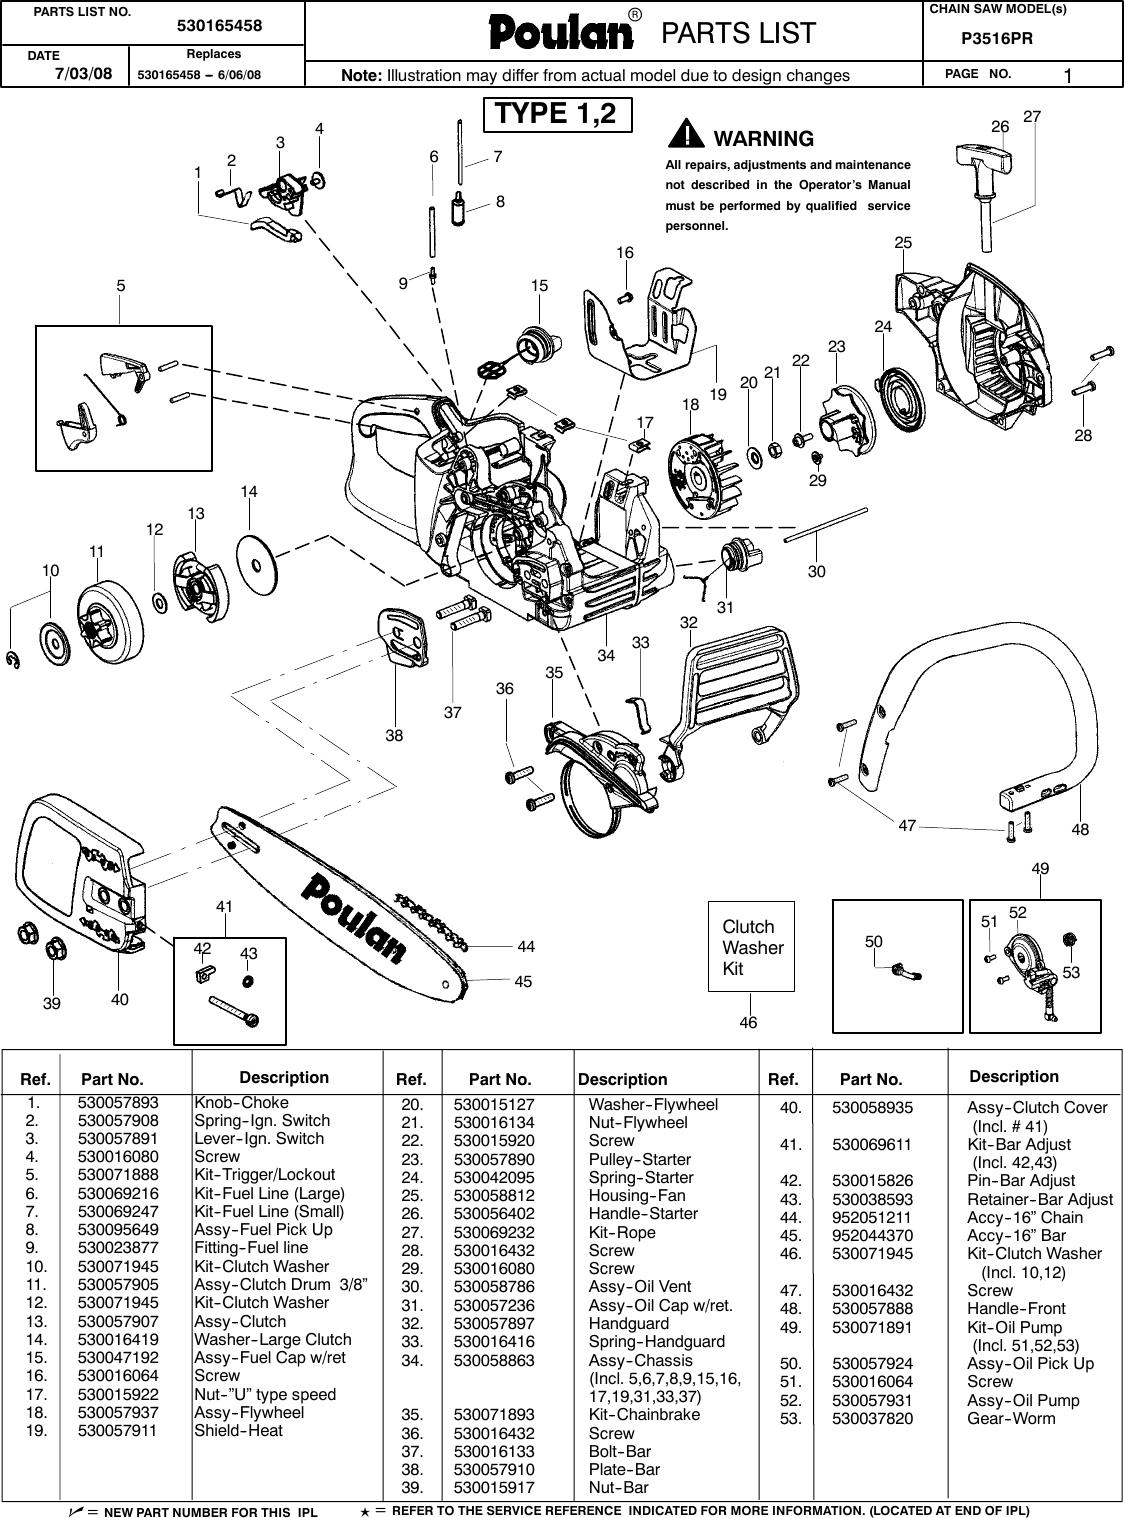 Poulan Pln3516F Parts Manual IPL, P3516PR, 2008 07, CHAIN SAWS